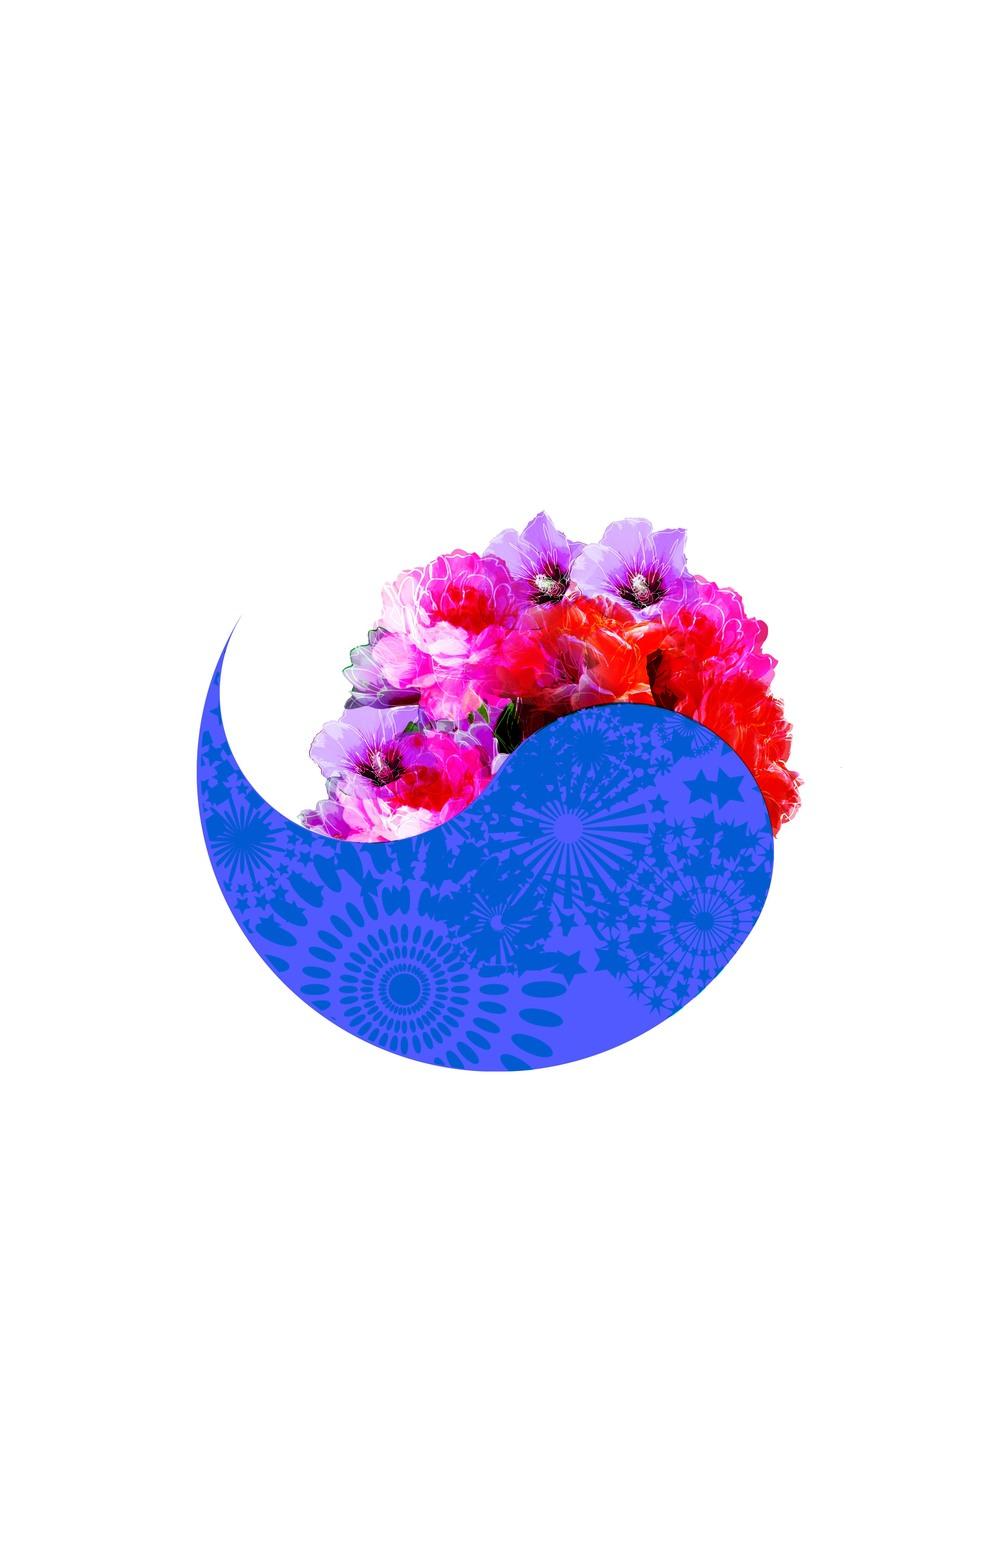 Blooming by 홍가람 Garam Hong